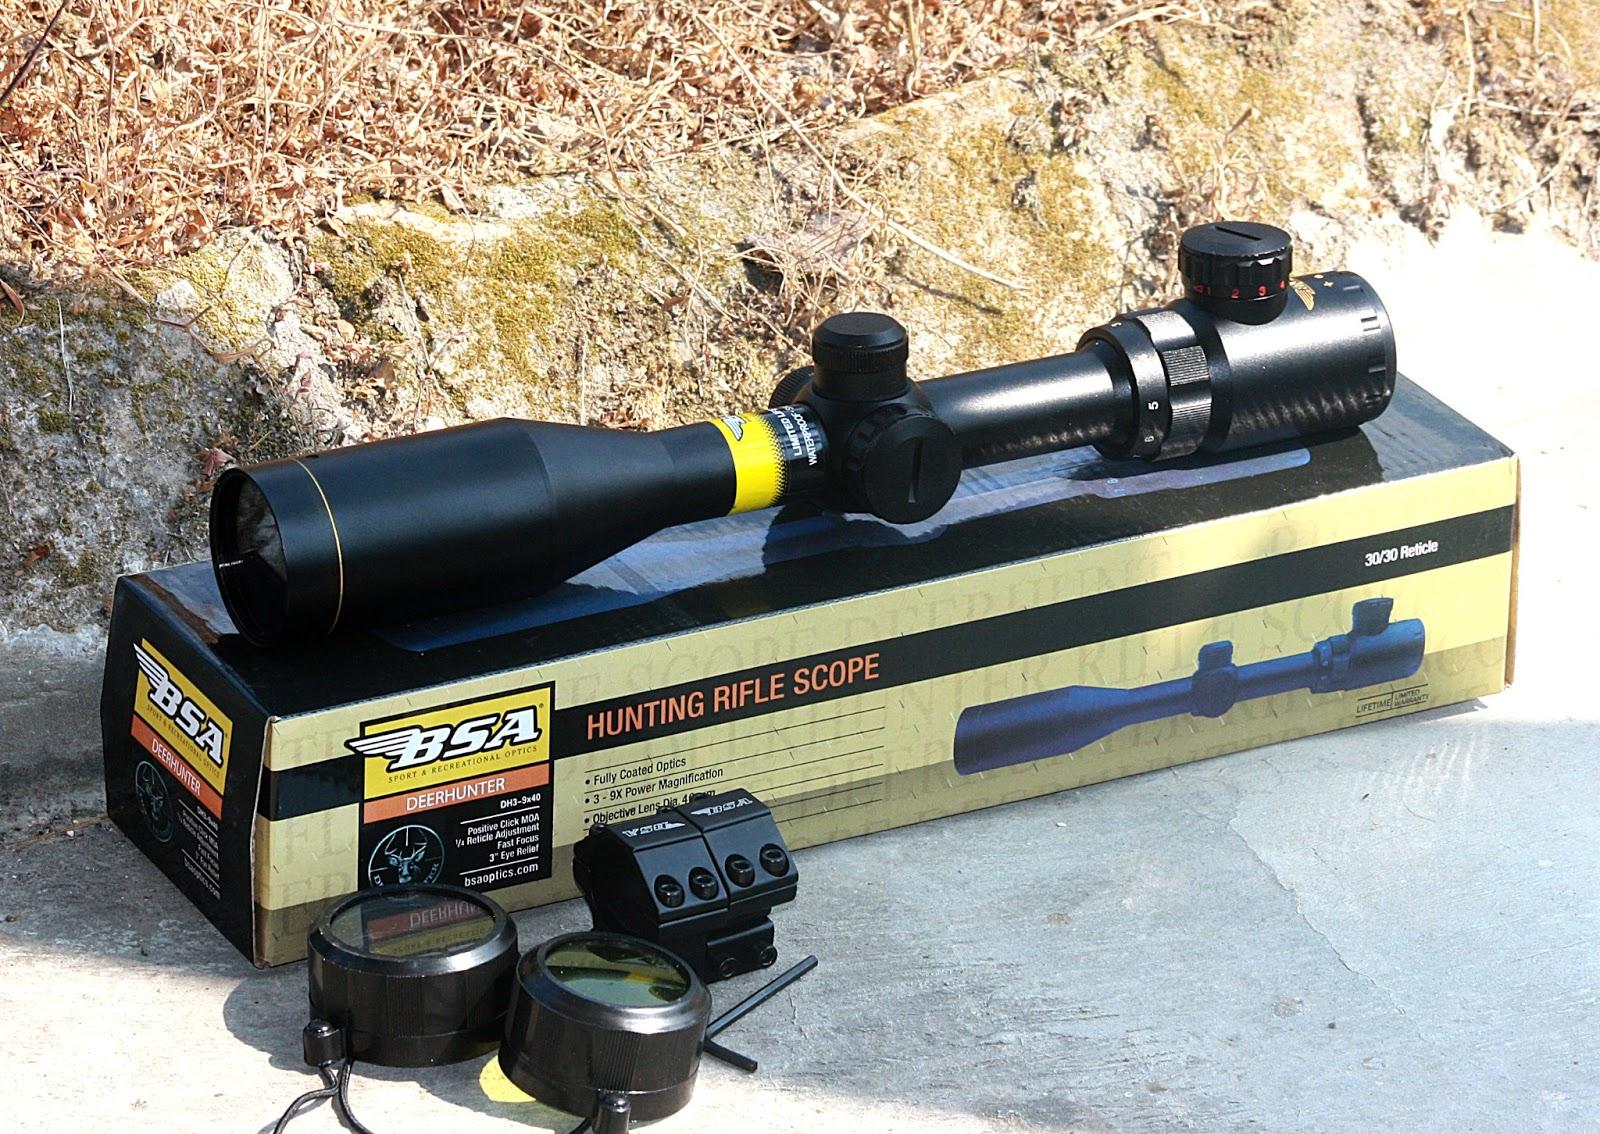 Grosir senapan angin kediri: kode teleskop senapan angin